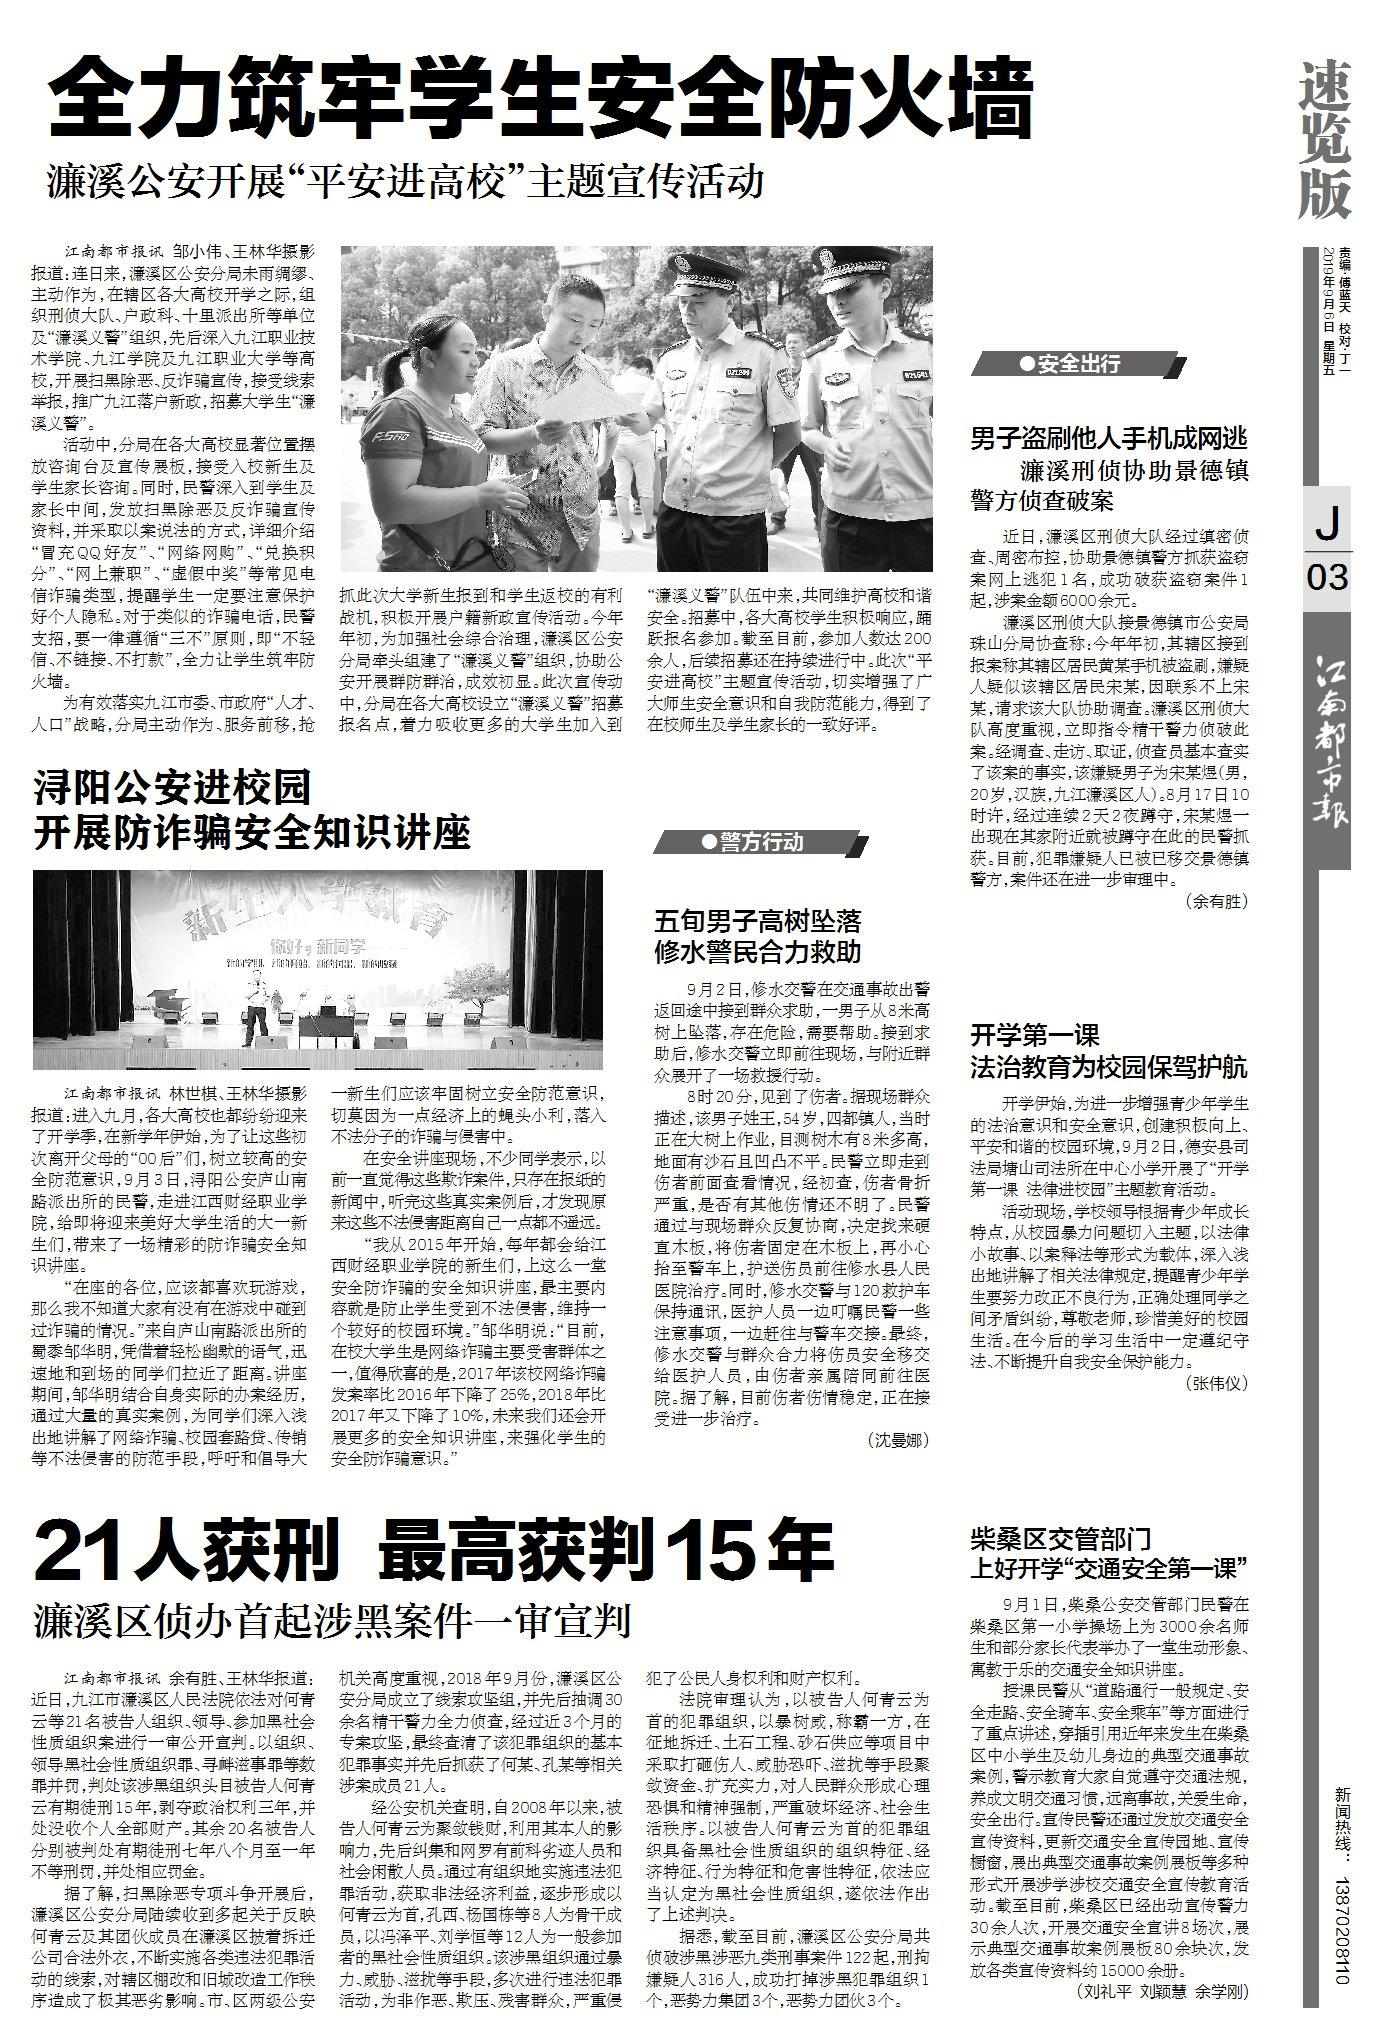 2019年9月6日江南都市报《亚博体育app苹果新闻》3版